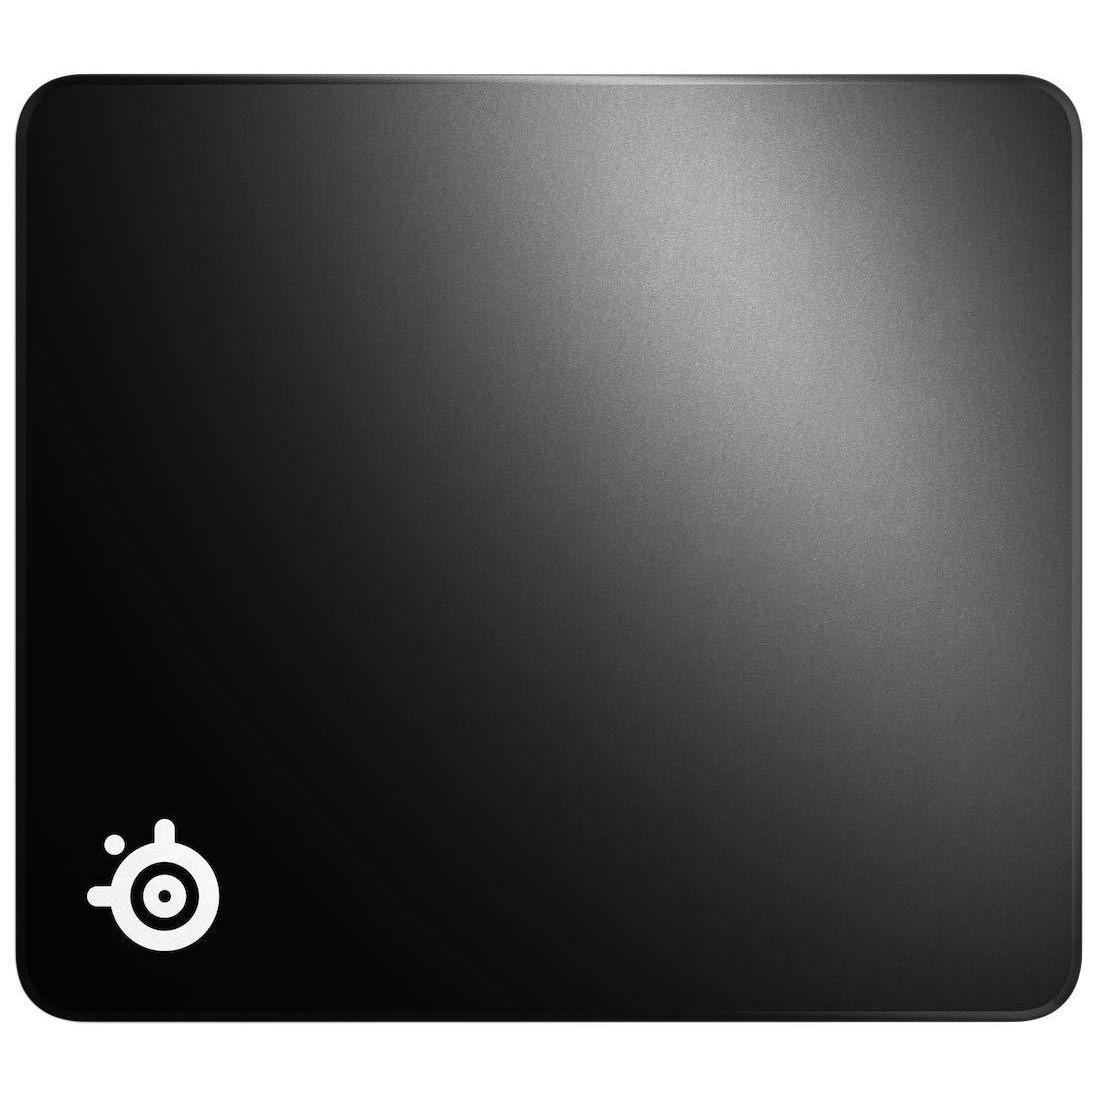 Купить Аксессуары к ноутбукам, Коврик для мыши SteelSeries QcK Edge L (63823)